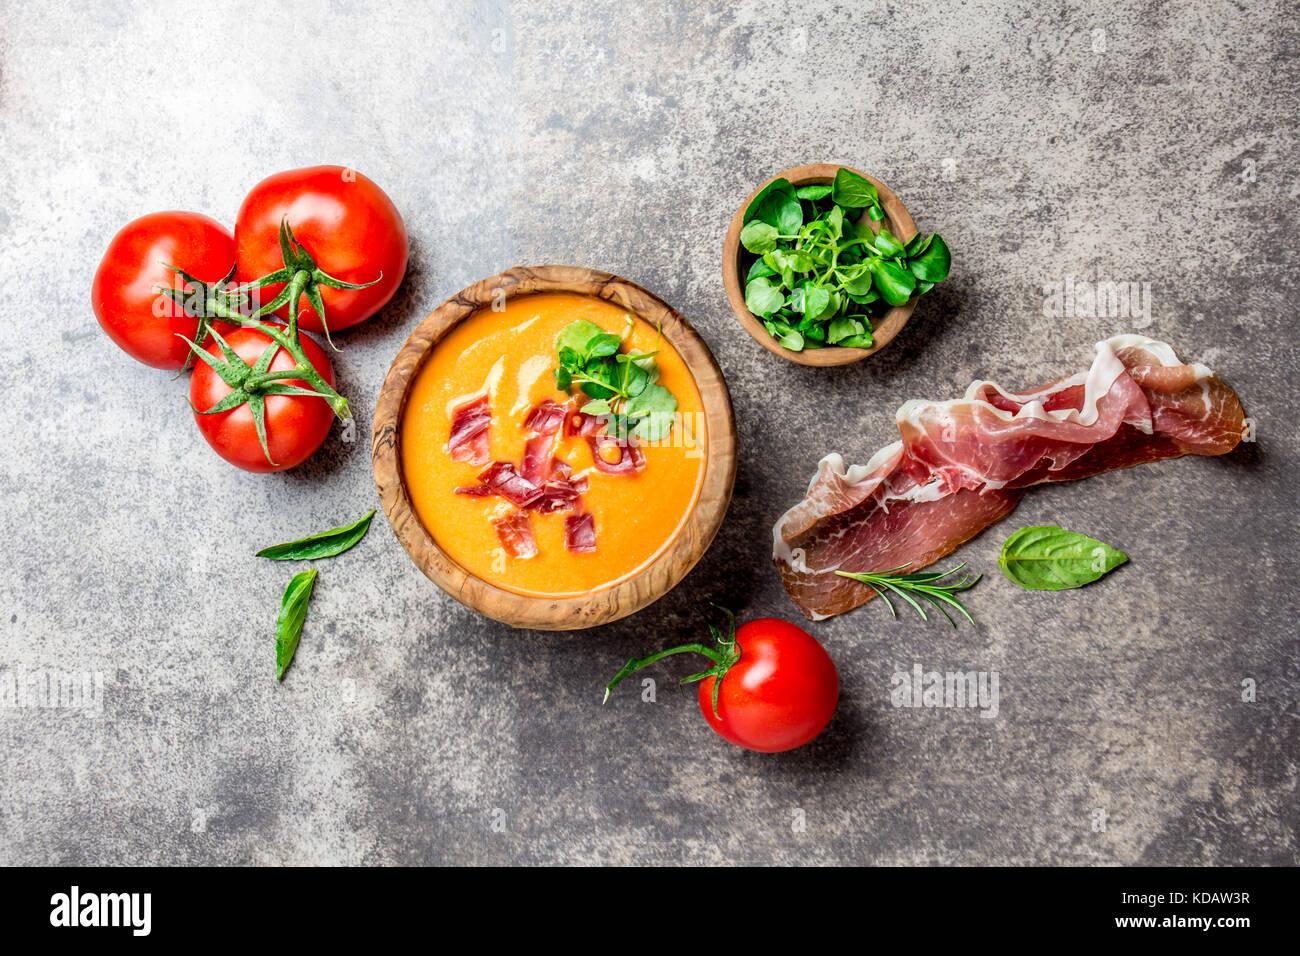 Soupe de tomates espagnoles Salmorejo servi dans un bol en bois d'olive avec du jambon jamon serrano sur fond Photo Stock